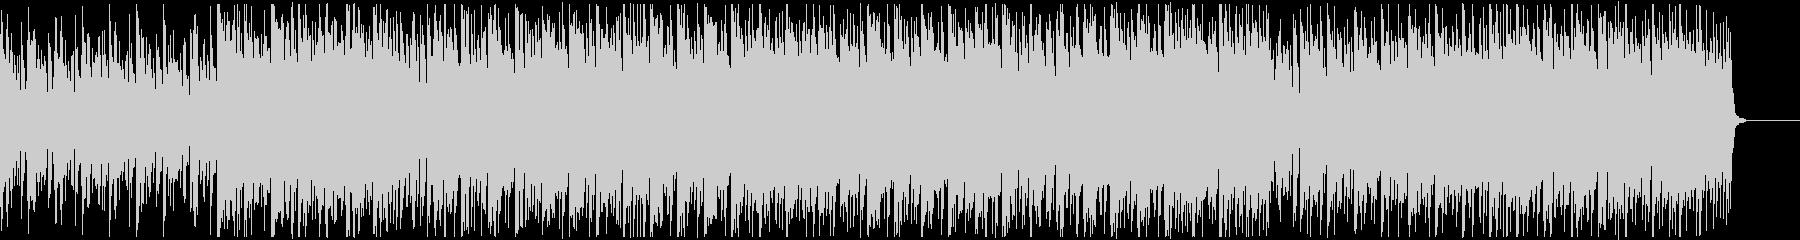 【VP向け】アップリフティング系ソングの未再生の波形